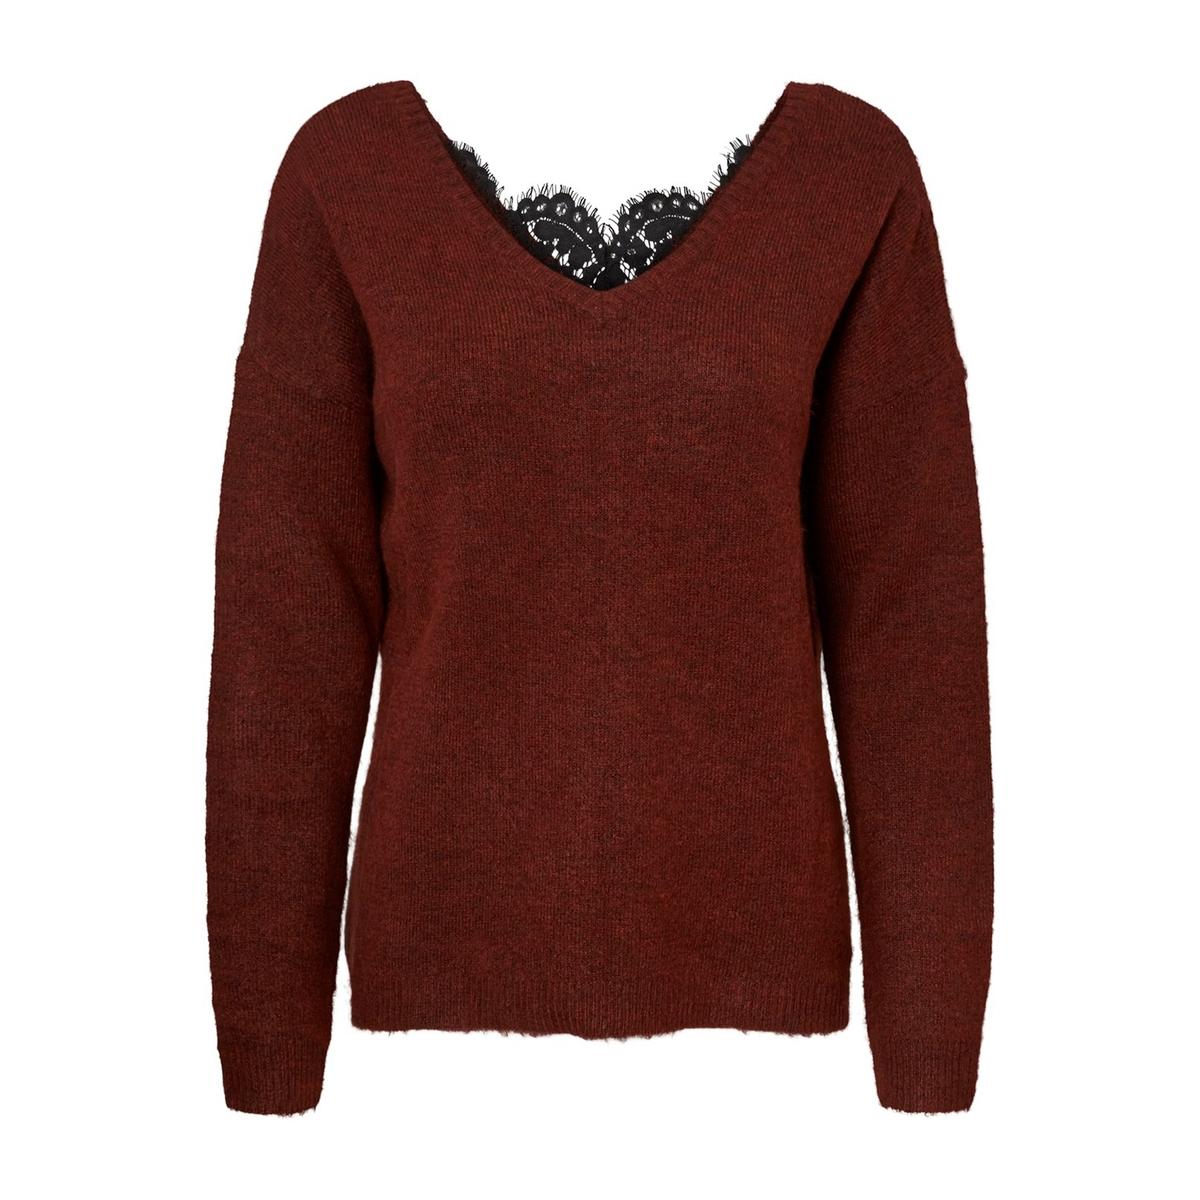 Пуловер La Redoute С V-образным вырезом с отделкой кружевом M каштановый пуловер la redoute с v образным вырезом из тонкого витого трикотажа m каштановый